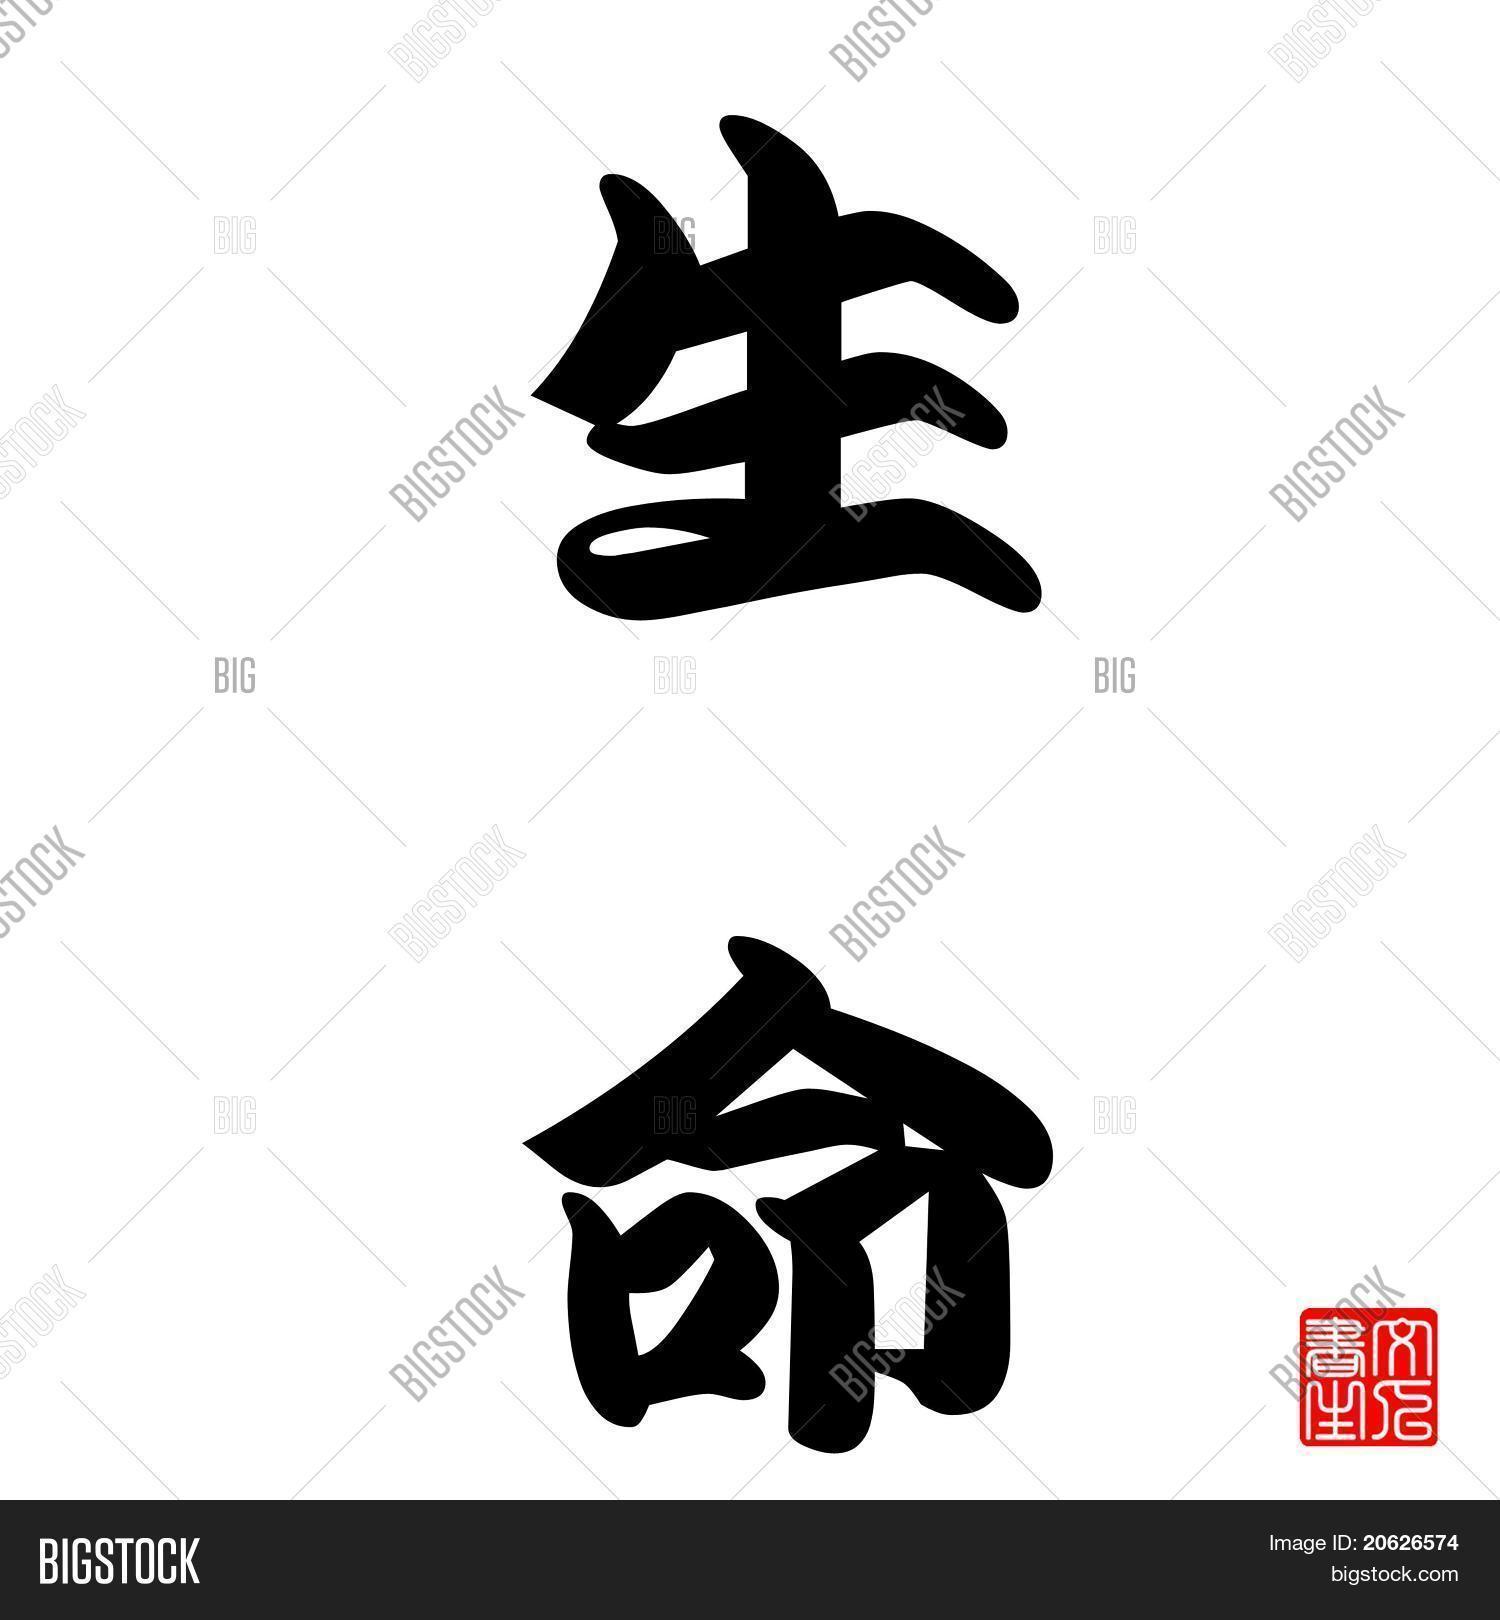 Japanese Calligraphy Life Image Photo Bigstock